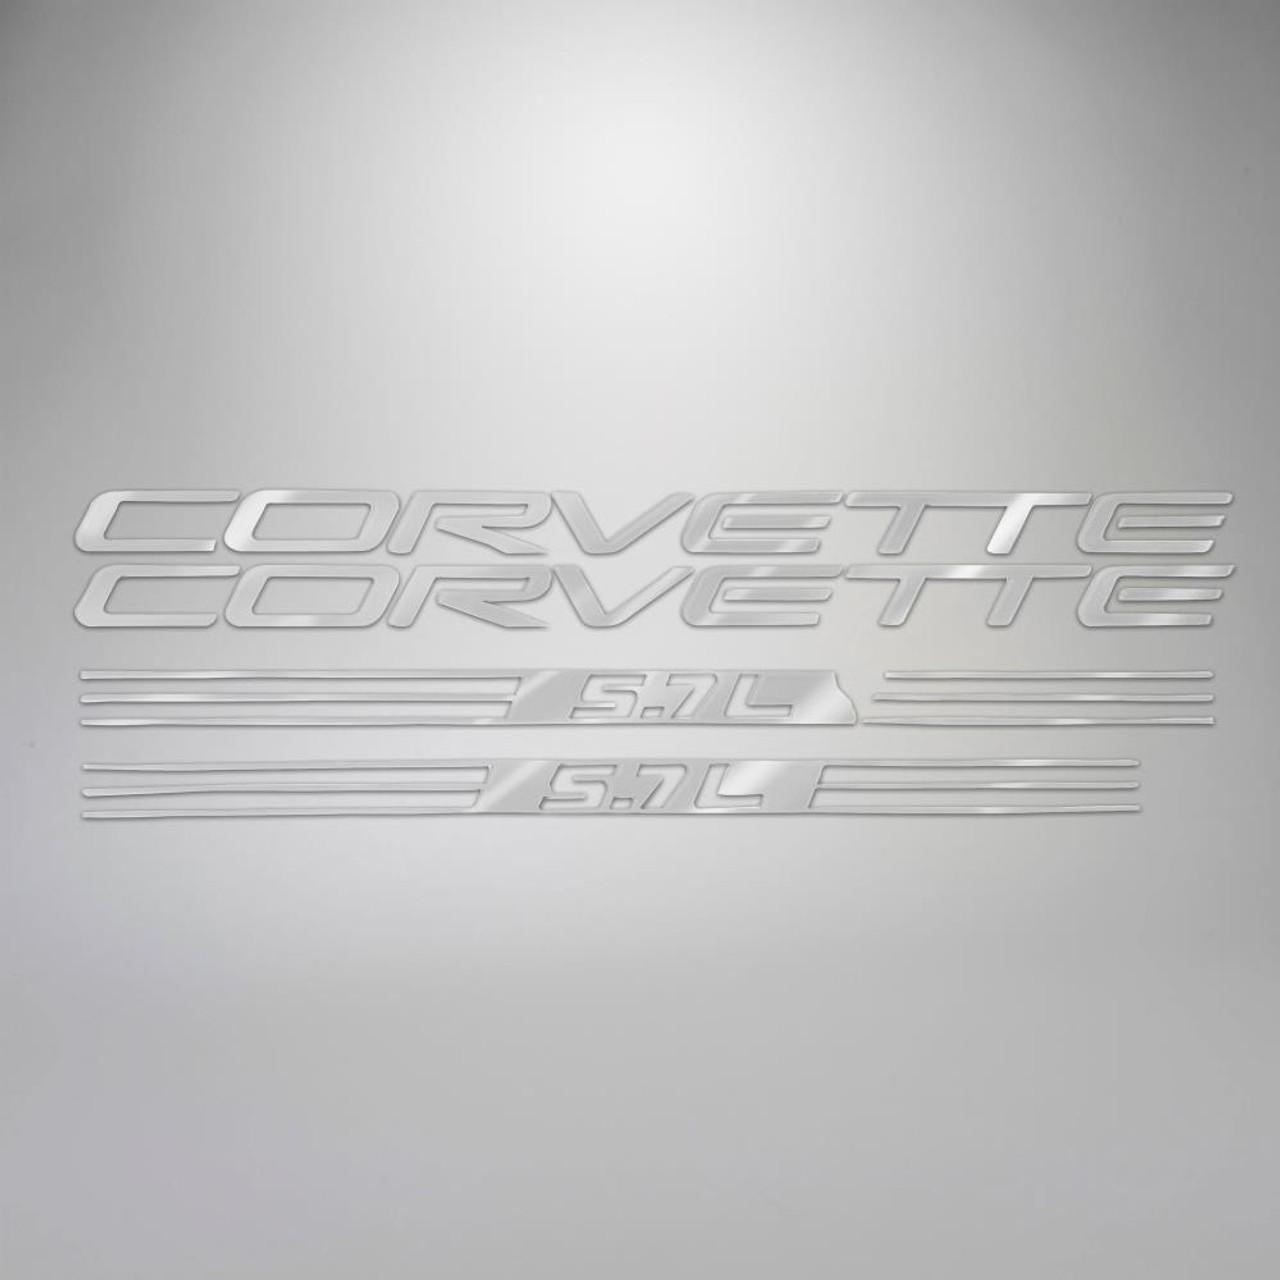 C5 97-98 Corvette 5.7L Fuel Rail Letter Kit - Ultra Chrome